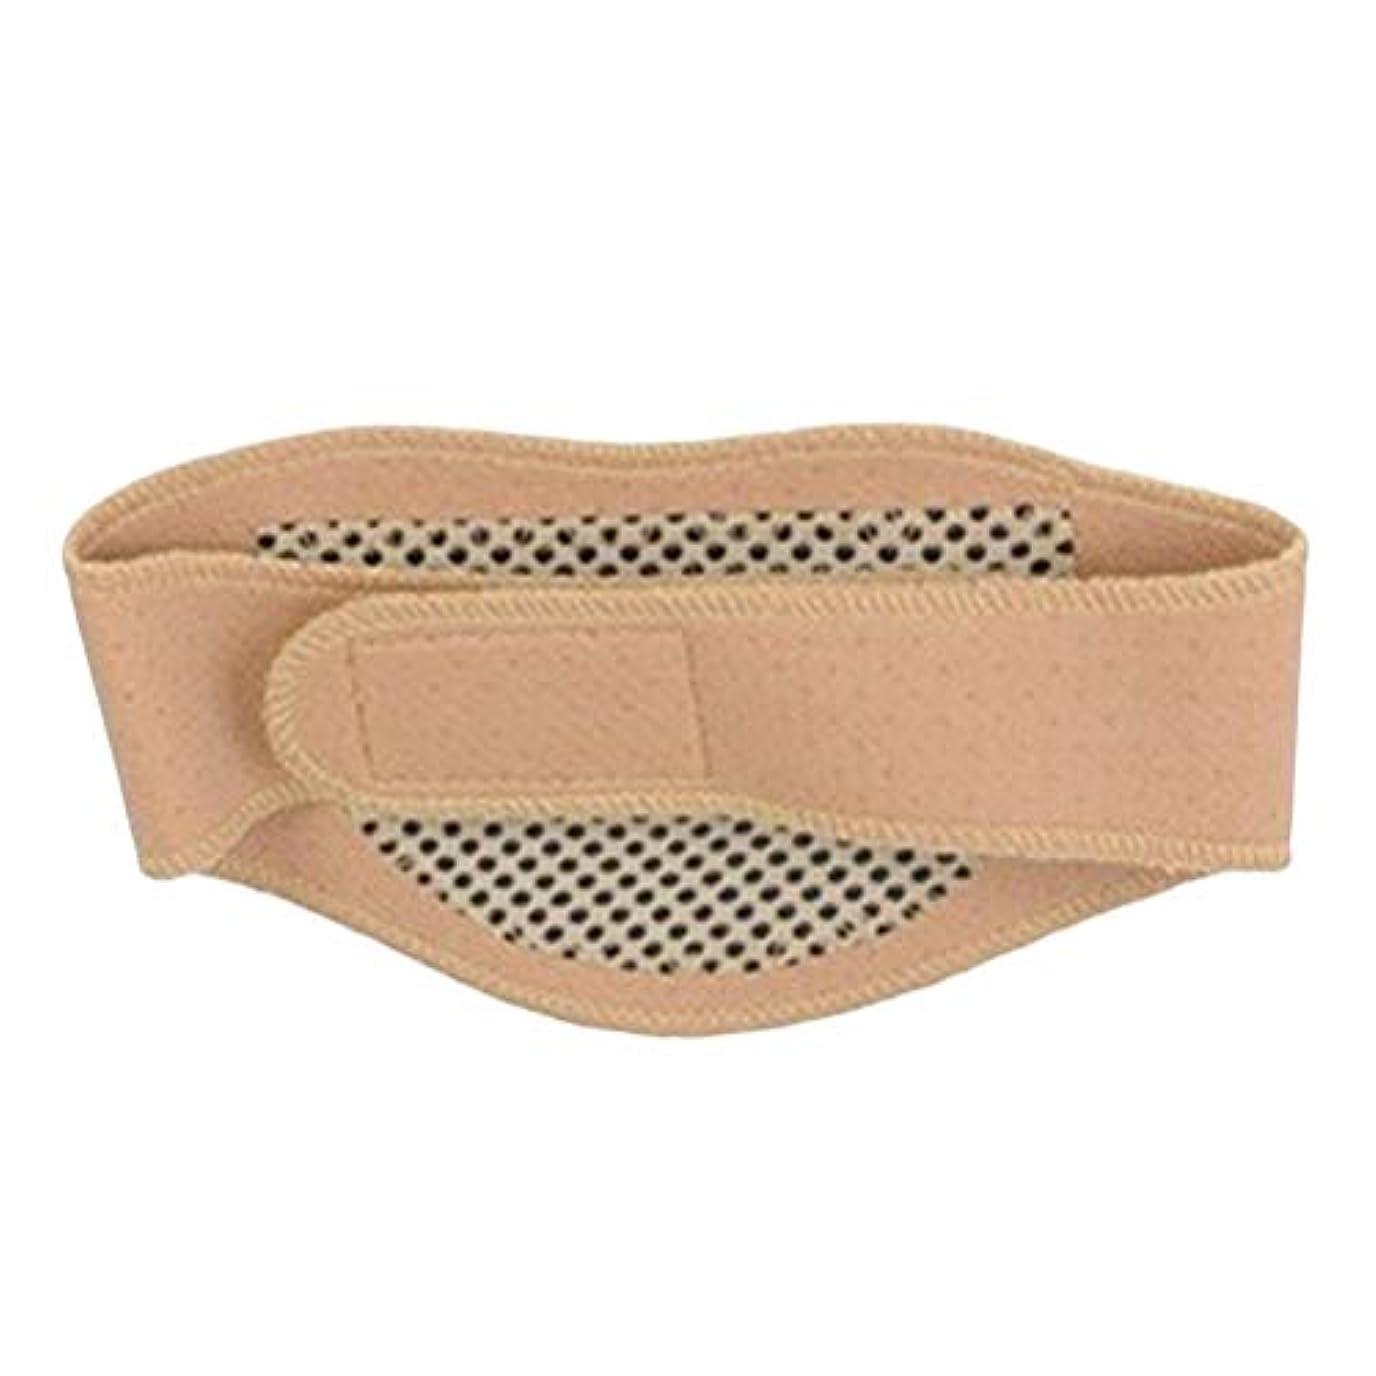 カレンダー暴力的なコミュニケーションSUPVOX ネックバックストラップサポート自己保護頸椎自発暖房ガード磁気療法ネックブレース